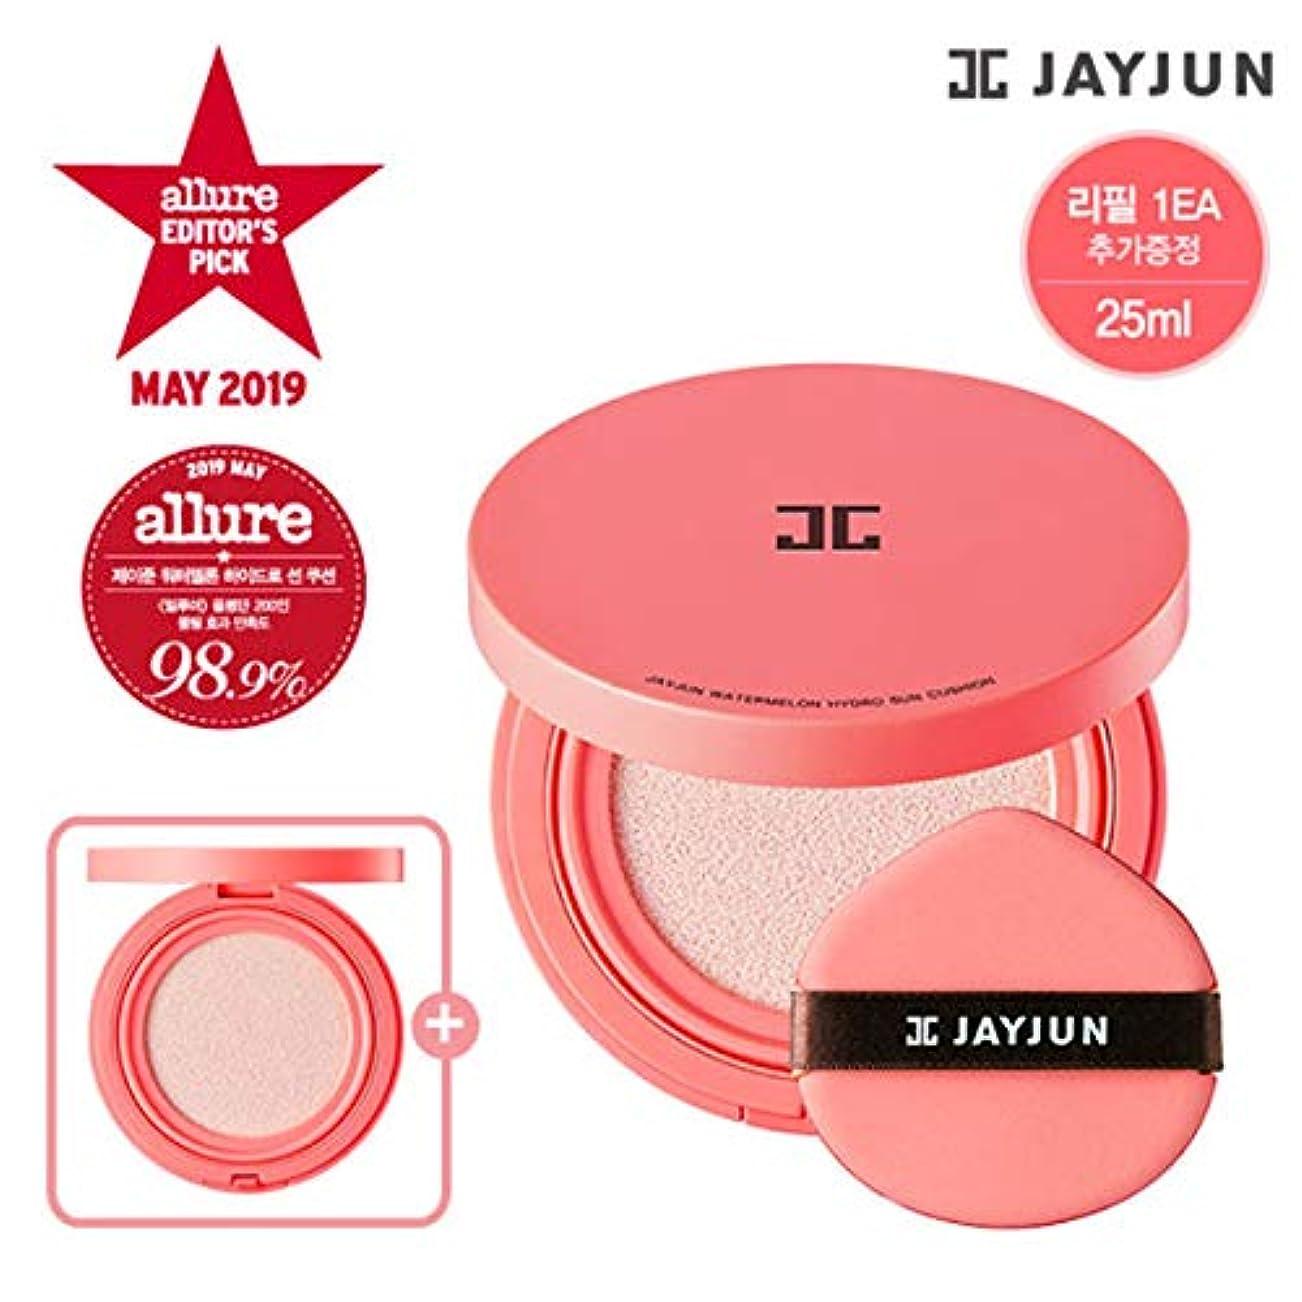 必須脅威装置ジェイジュン スイカハイドロサンクッション SPF50+/PA++++ / Jayjun Watermelon Hydro Sun Cushion (本品 25g + 詰め替え 25g)